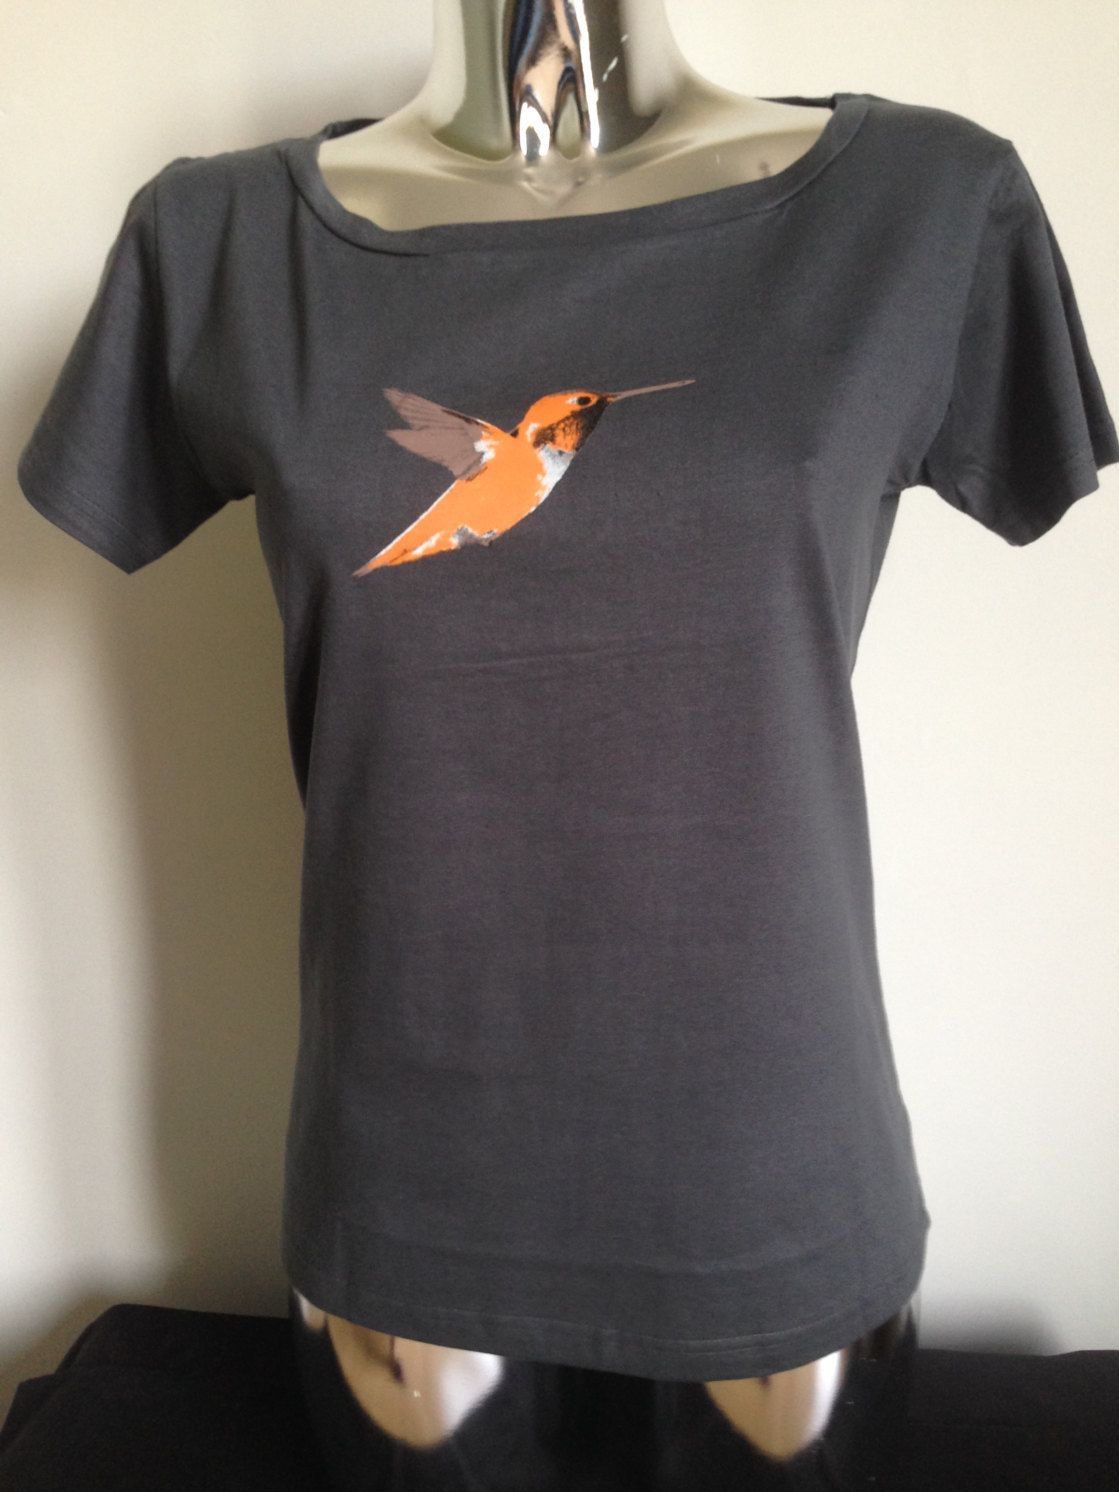 Hummingbird Women's Tshirt Black, Grey Colours Ladies